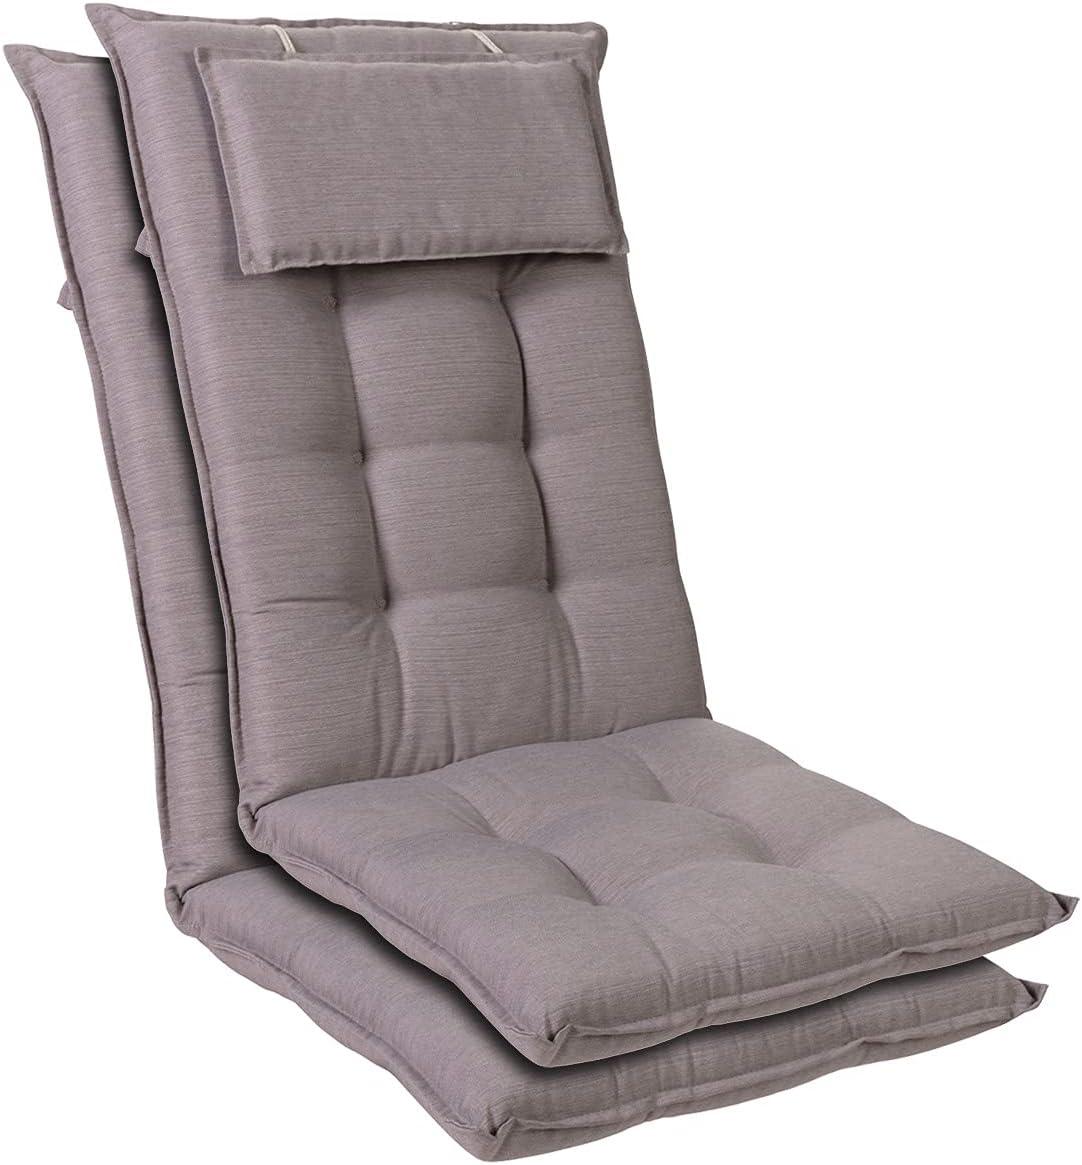 Homeoutfit24 Sylt - Cojín Acolchado para sillas de jardín, Hecho en Europa, Respaldo Alto con cojín de Cabeza extraíble, Resistente Rayos UV, Poliéster, 120 x 50 x 9 cm, 2 Unidades, Gris Platino